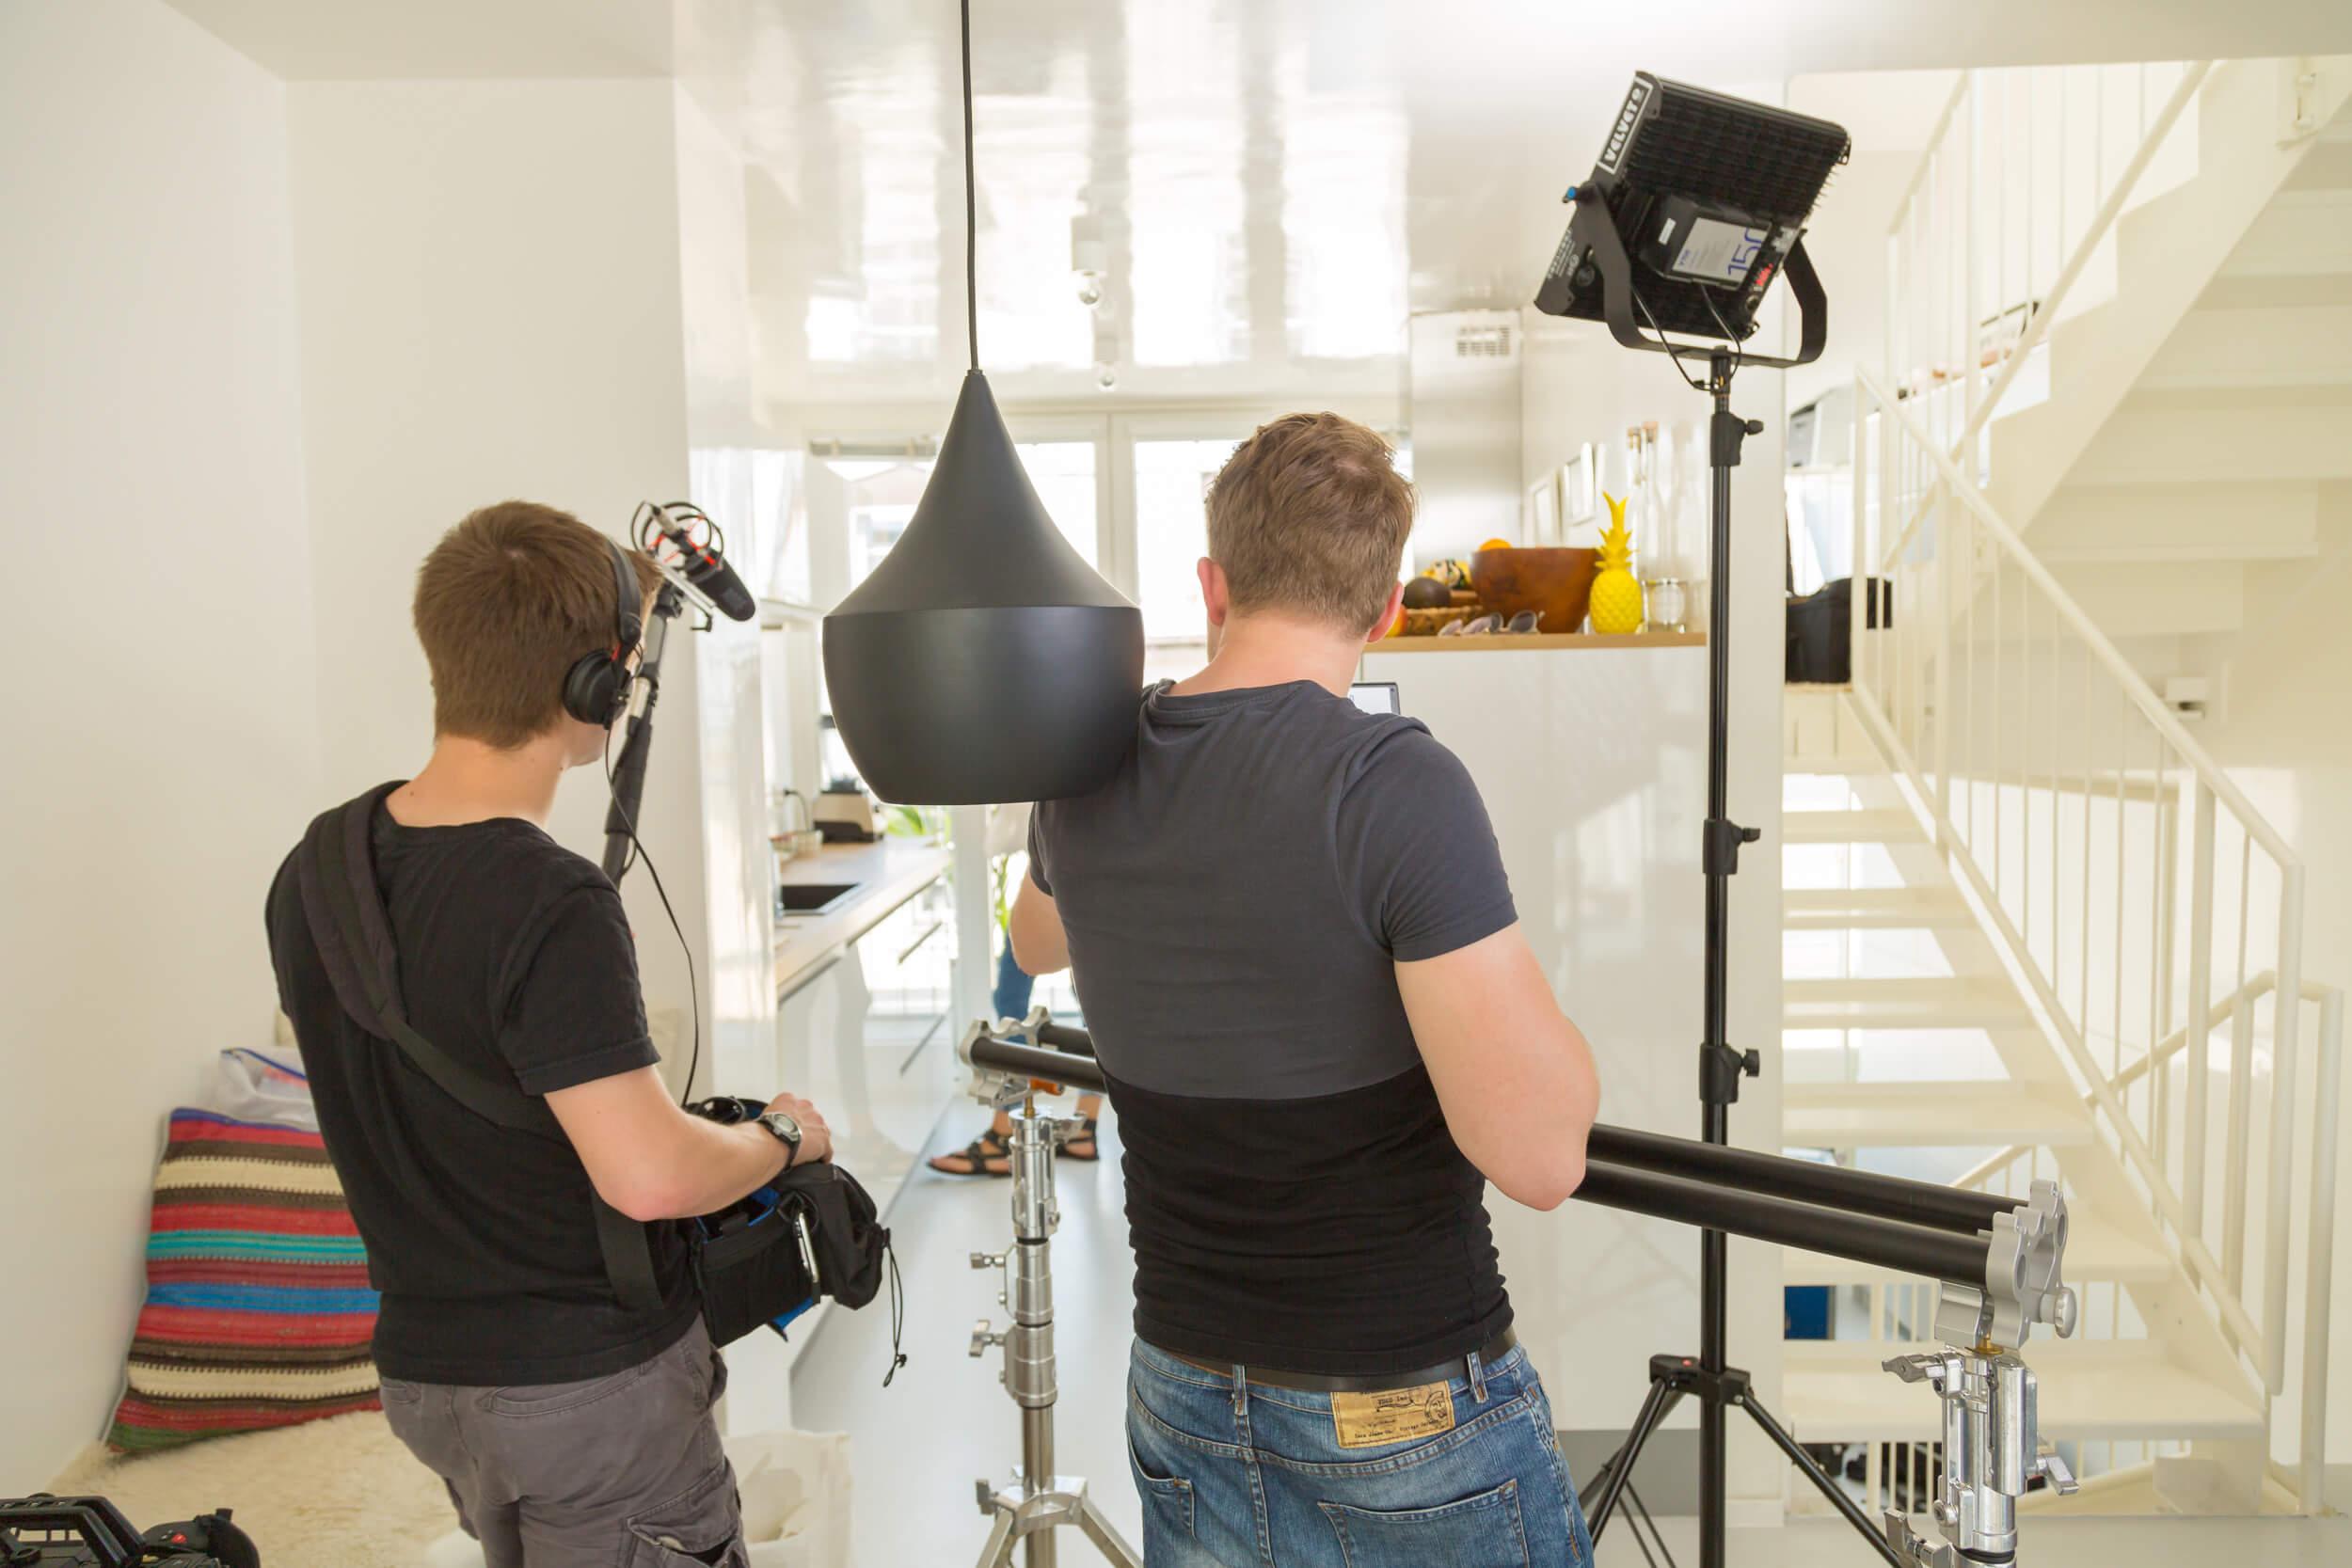 Abschlussfilm Ausbildung zum Mediengestalter Bild und Ton ...